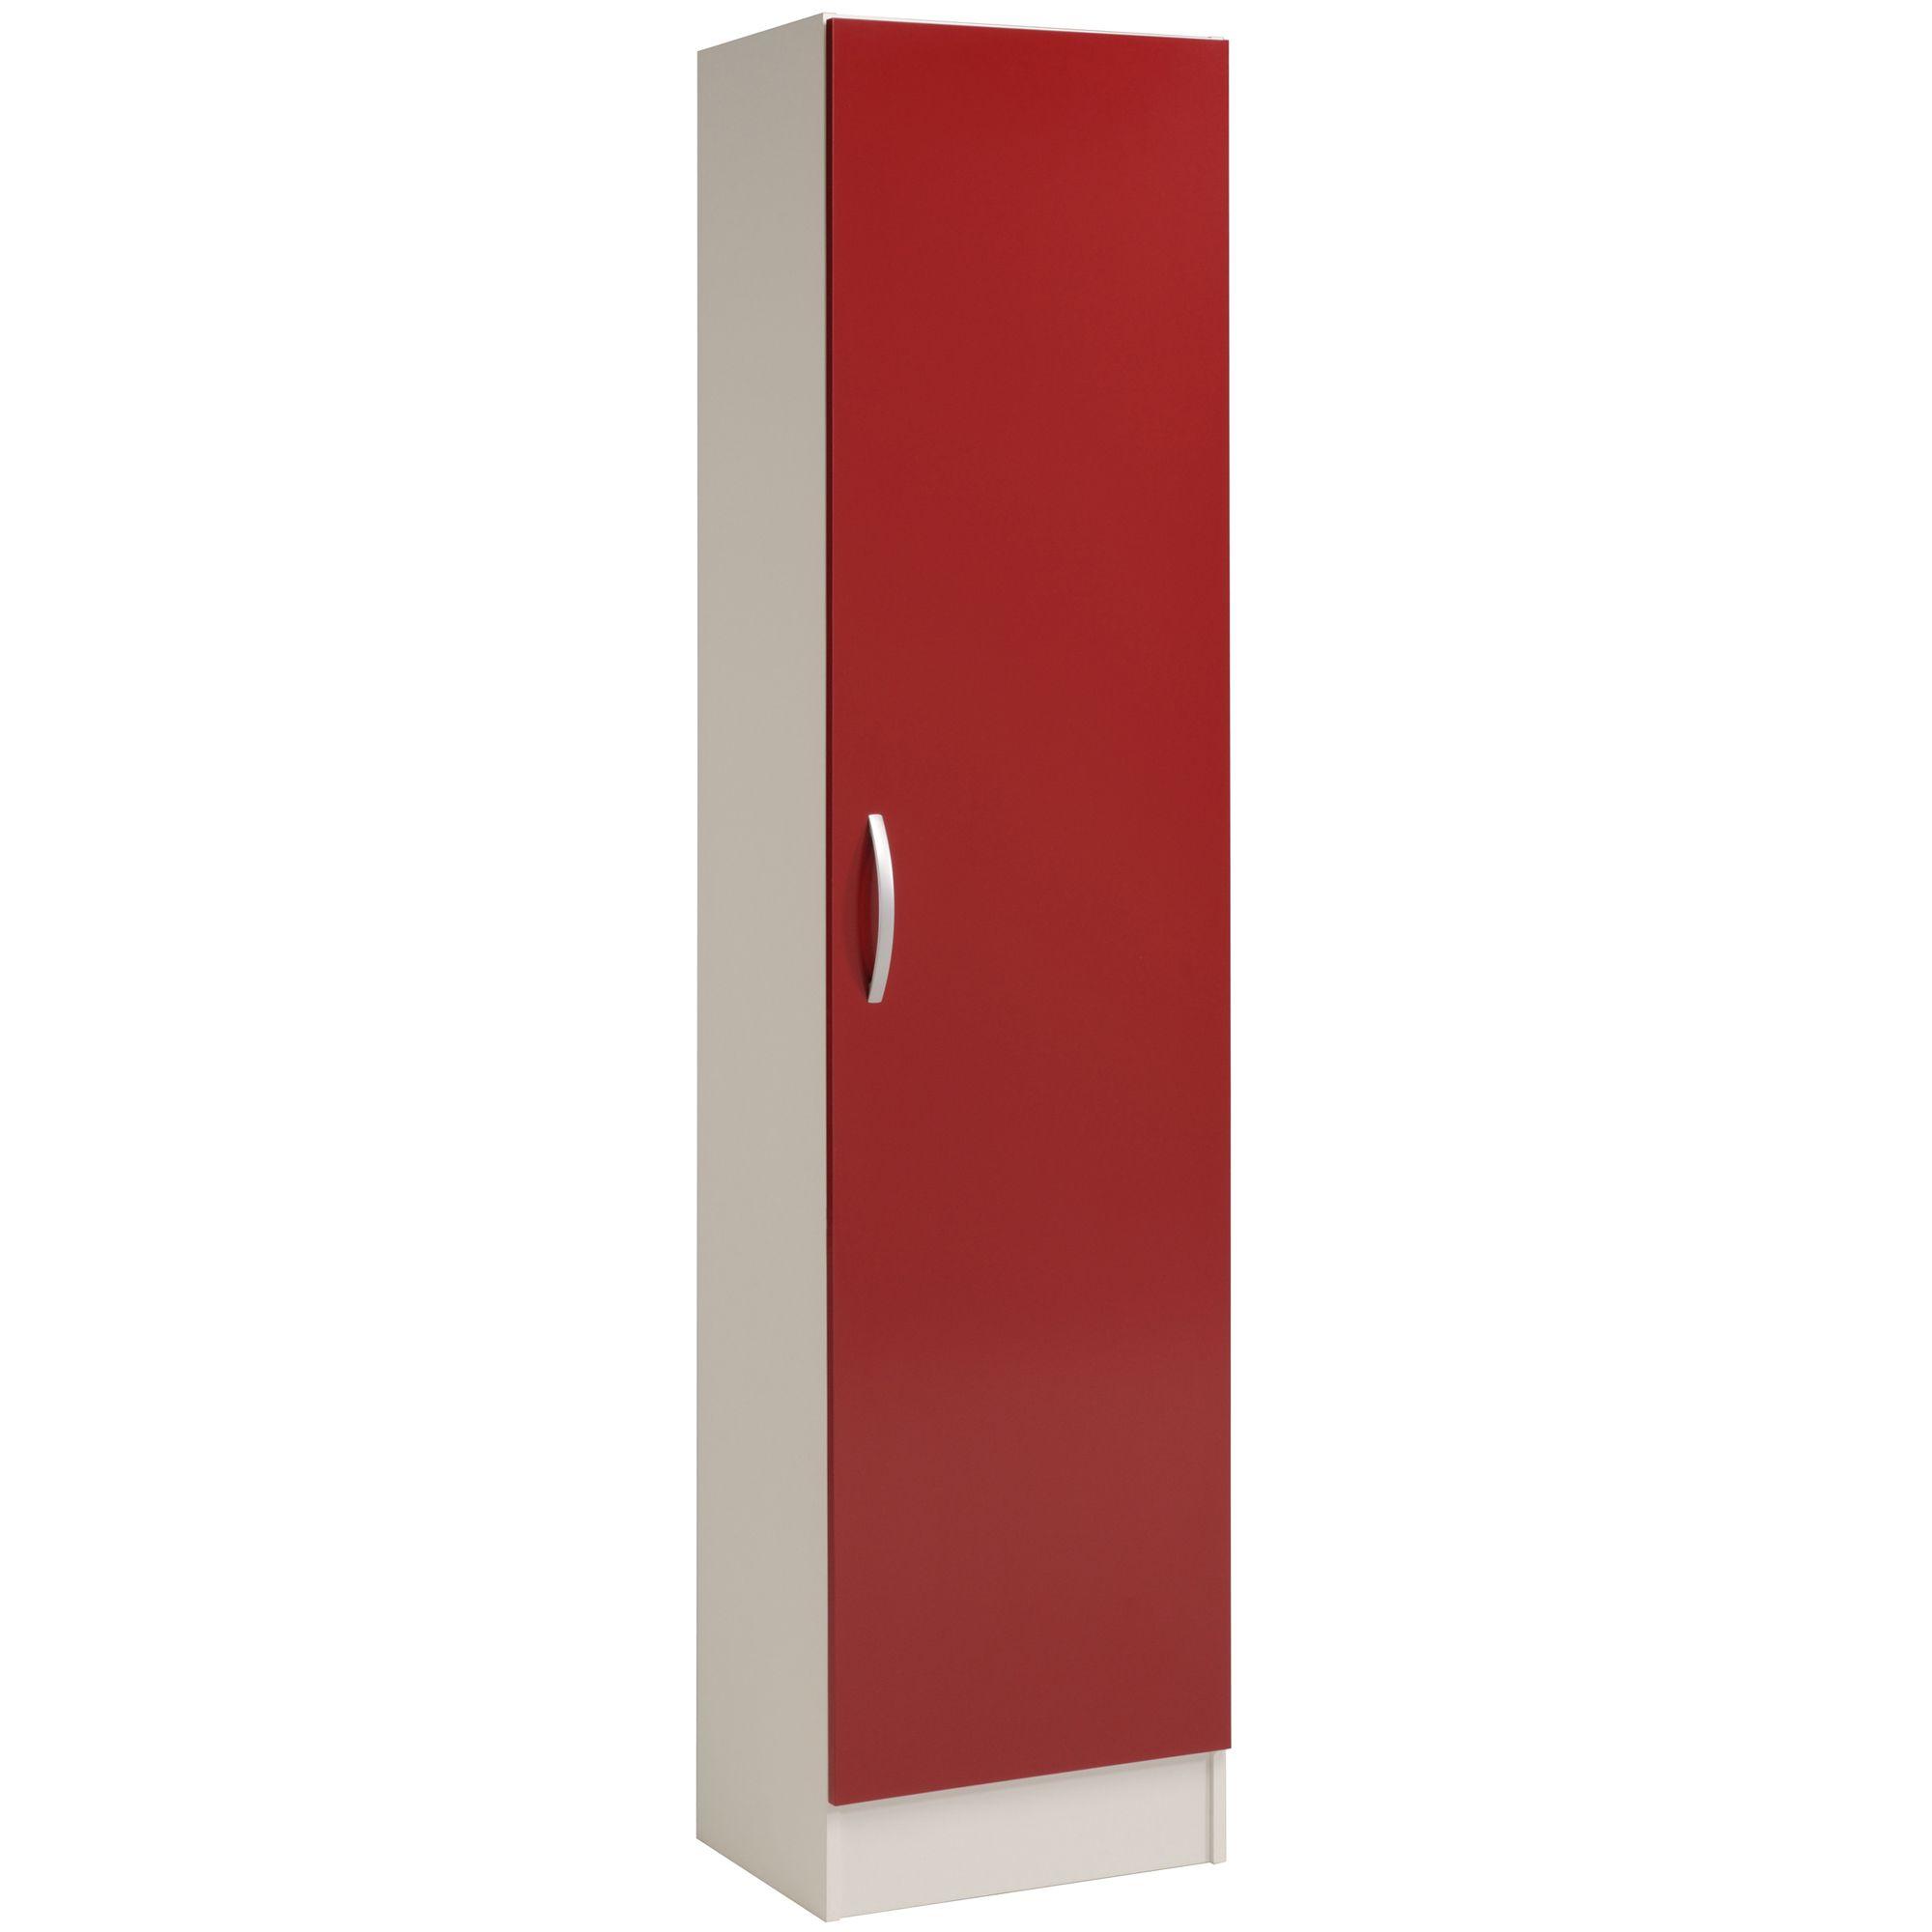 alin a eko cuisine colonne de cuisine tag res h208cm rouge pas cher. Black Bedroom Furniture Sets. Home Design Ideas